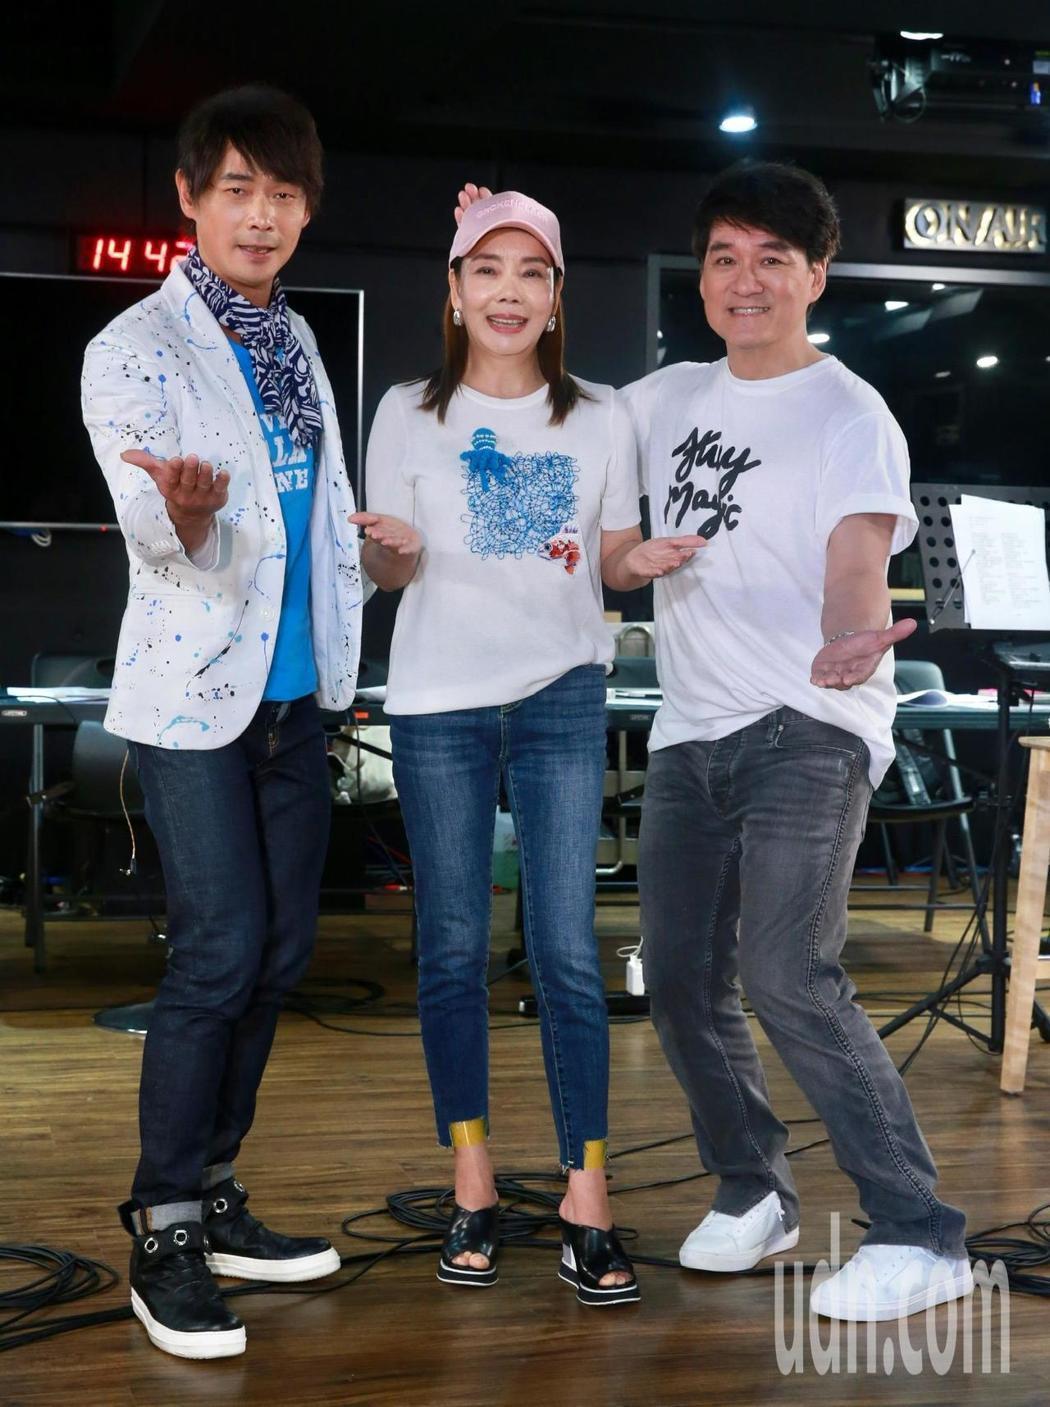 藝人黃品源(左起)、辛曉琪與周華健為了將在6月15日在台大體育館舉行的「今宵多珍